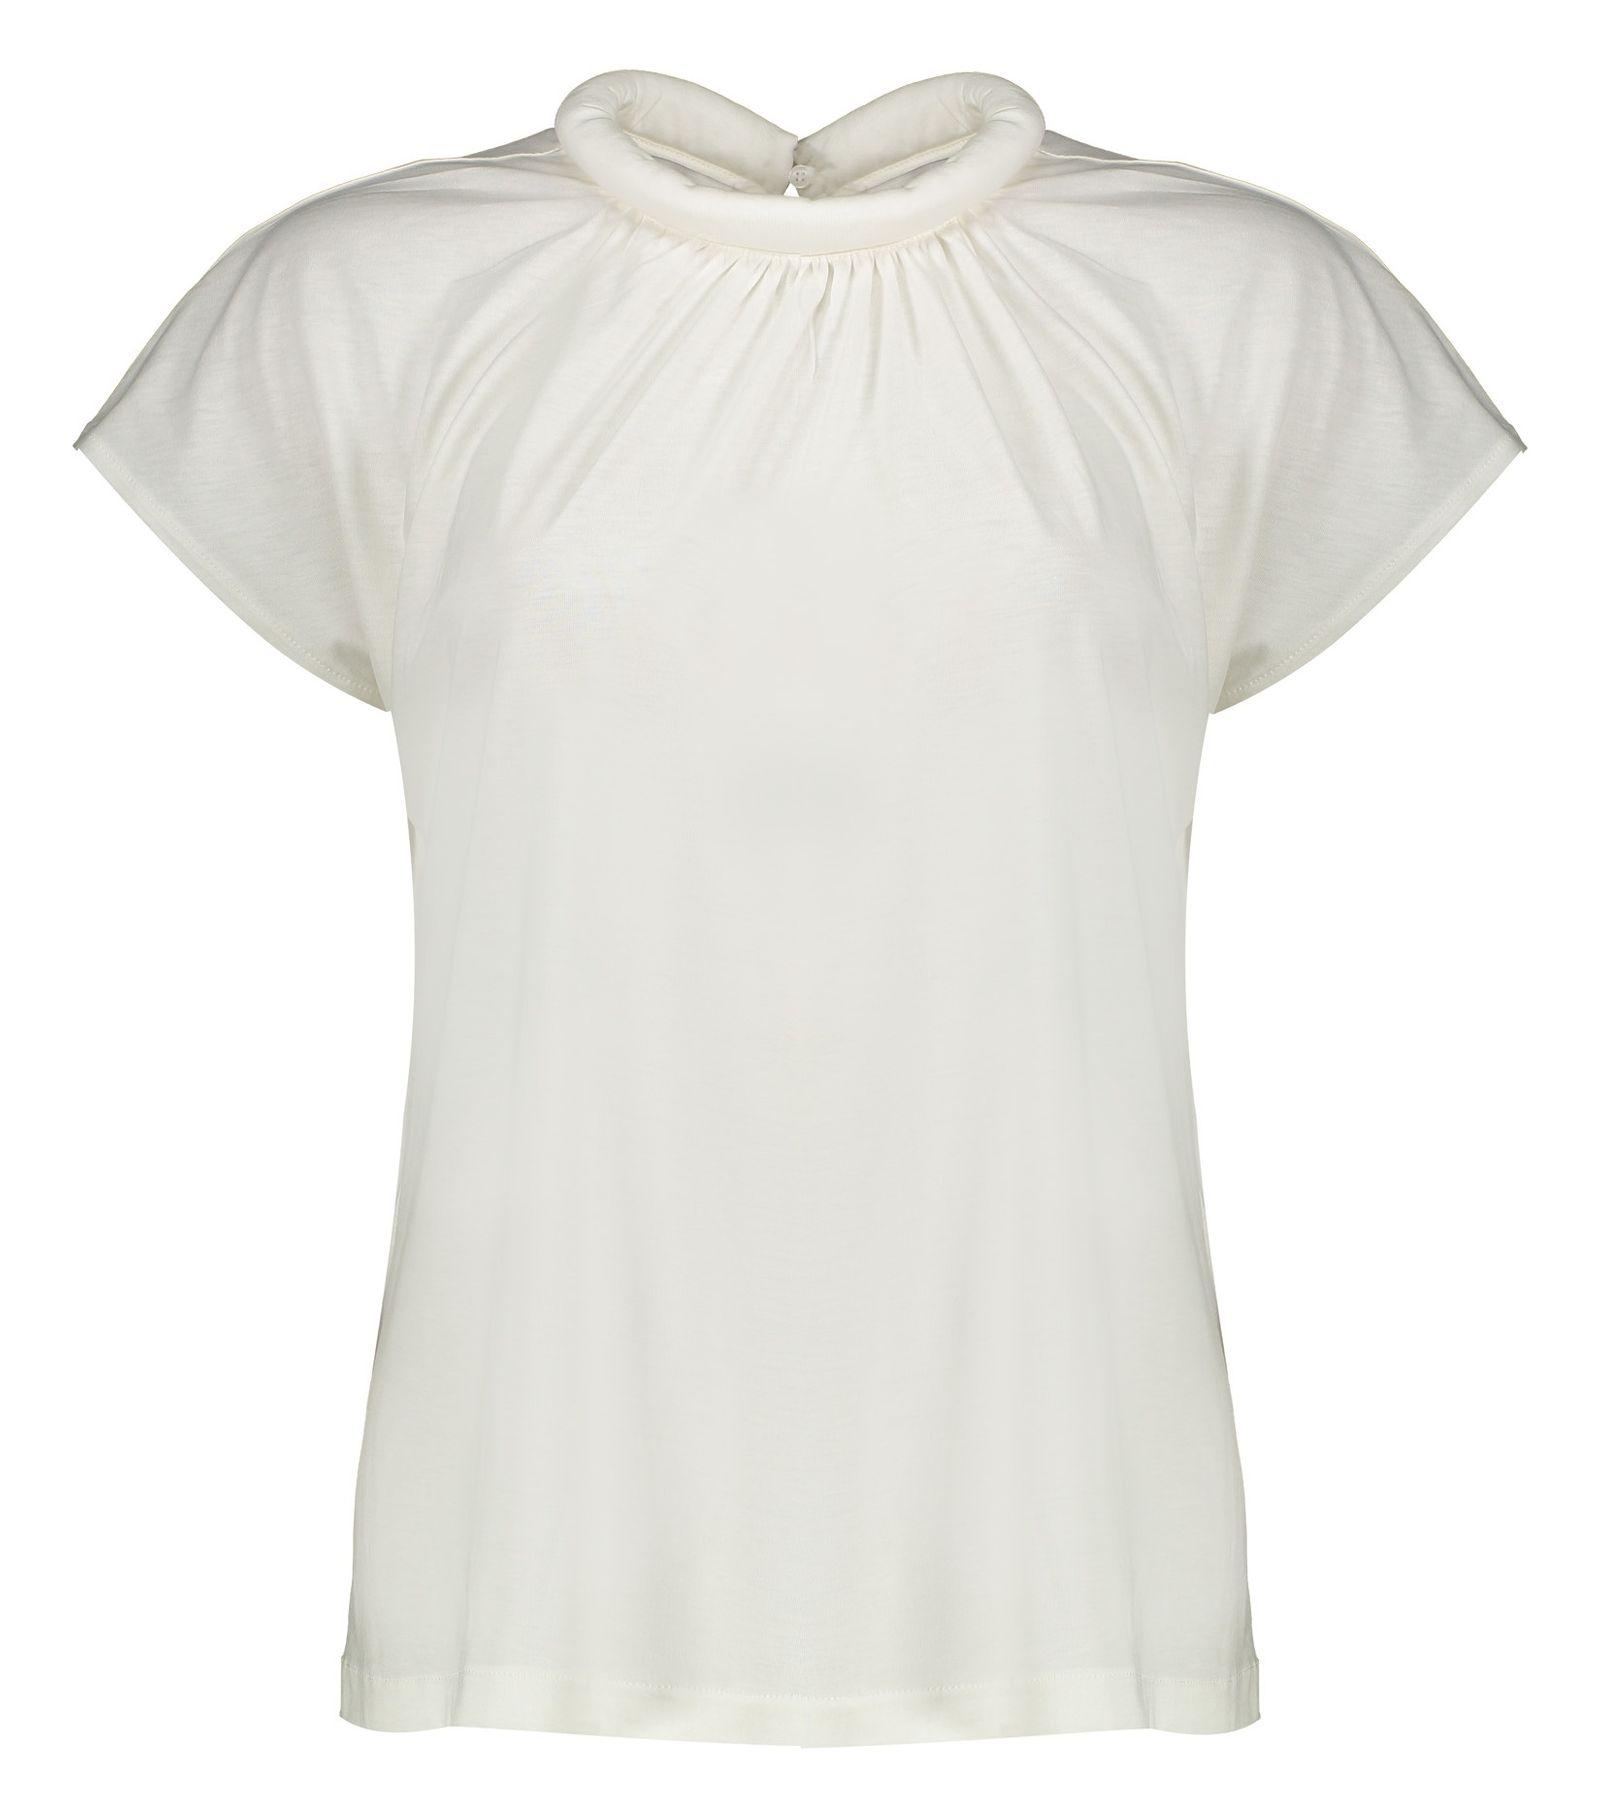 تی شرت یقه گرد زنانه - مانگو - سفید - 1